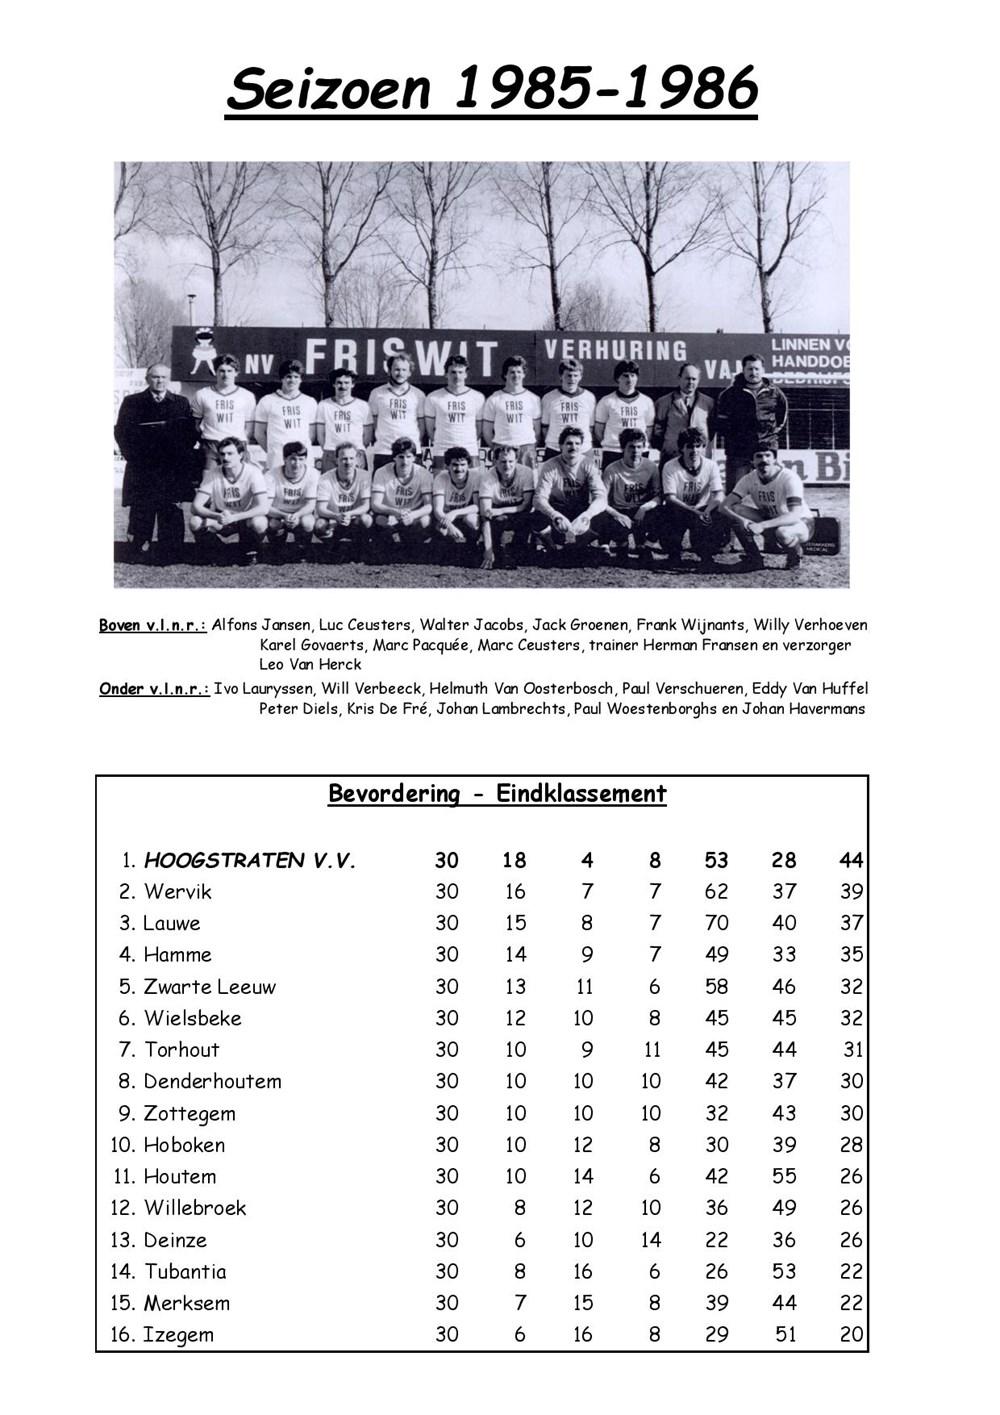 seizoen_1985-1986-page-001.jpg